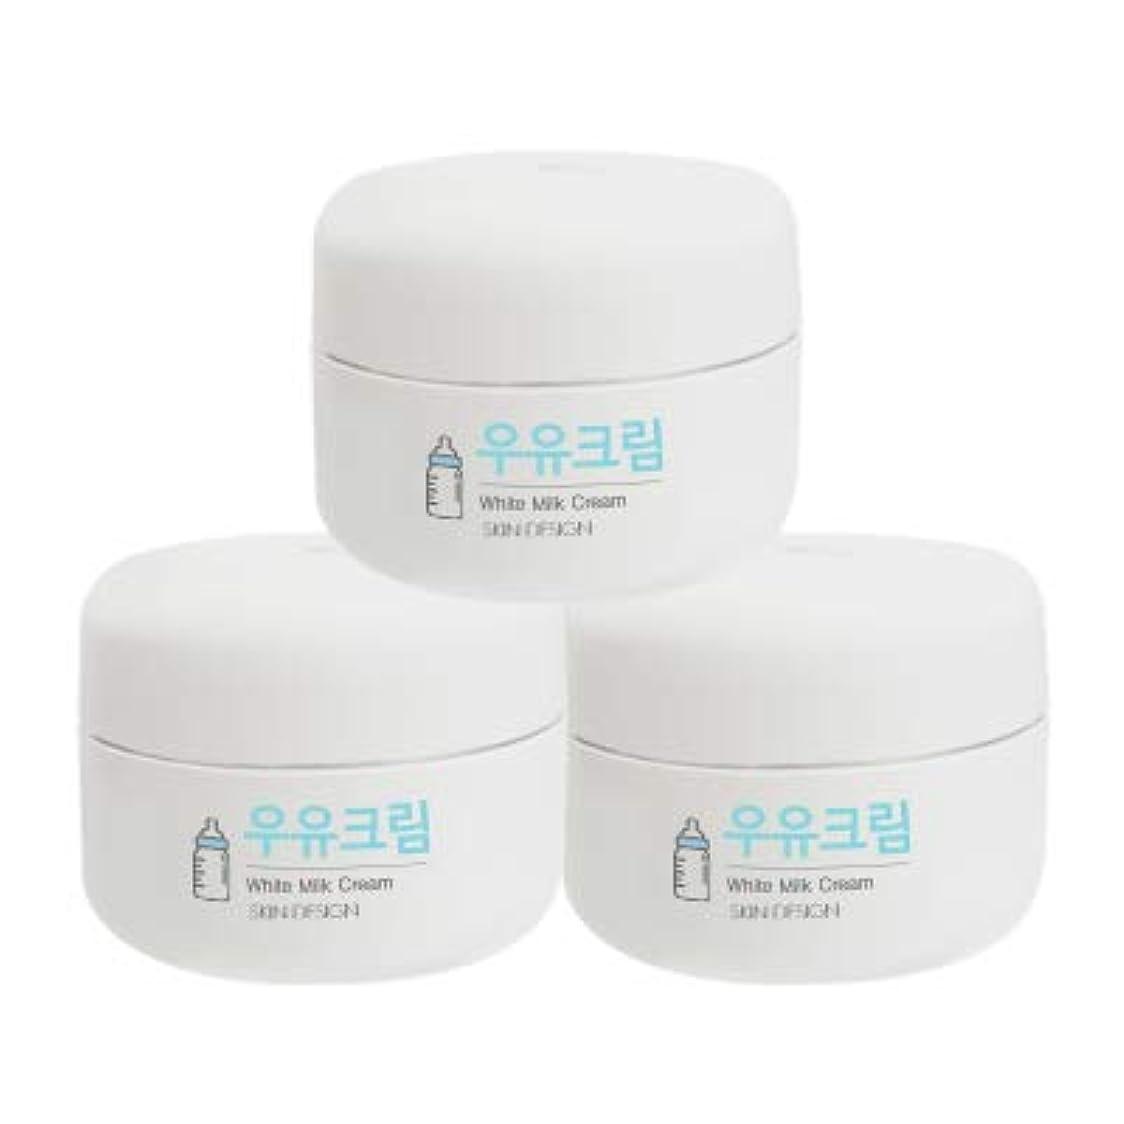 ボードフォーカス反応する【3個】【SKIN DESIGN】 スキンデザイン 牛乳クリーム 3個セット WHITE MILK CREAM 韓国 ウユクリーム